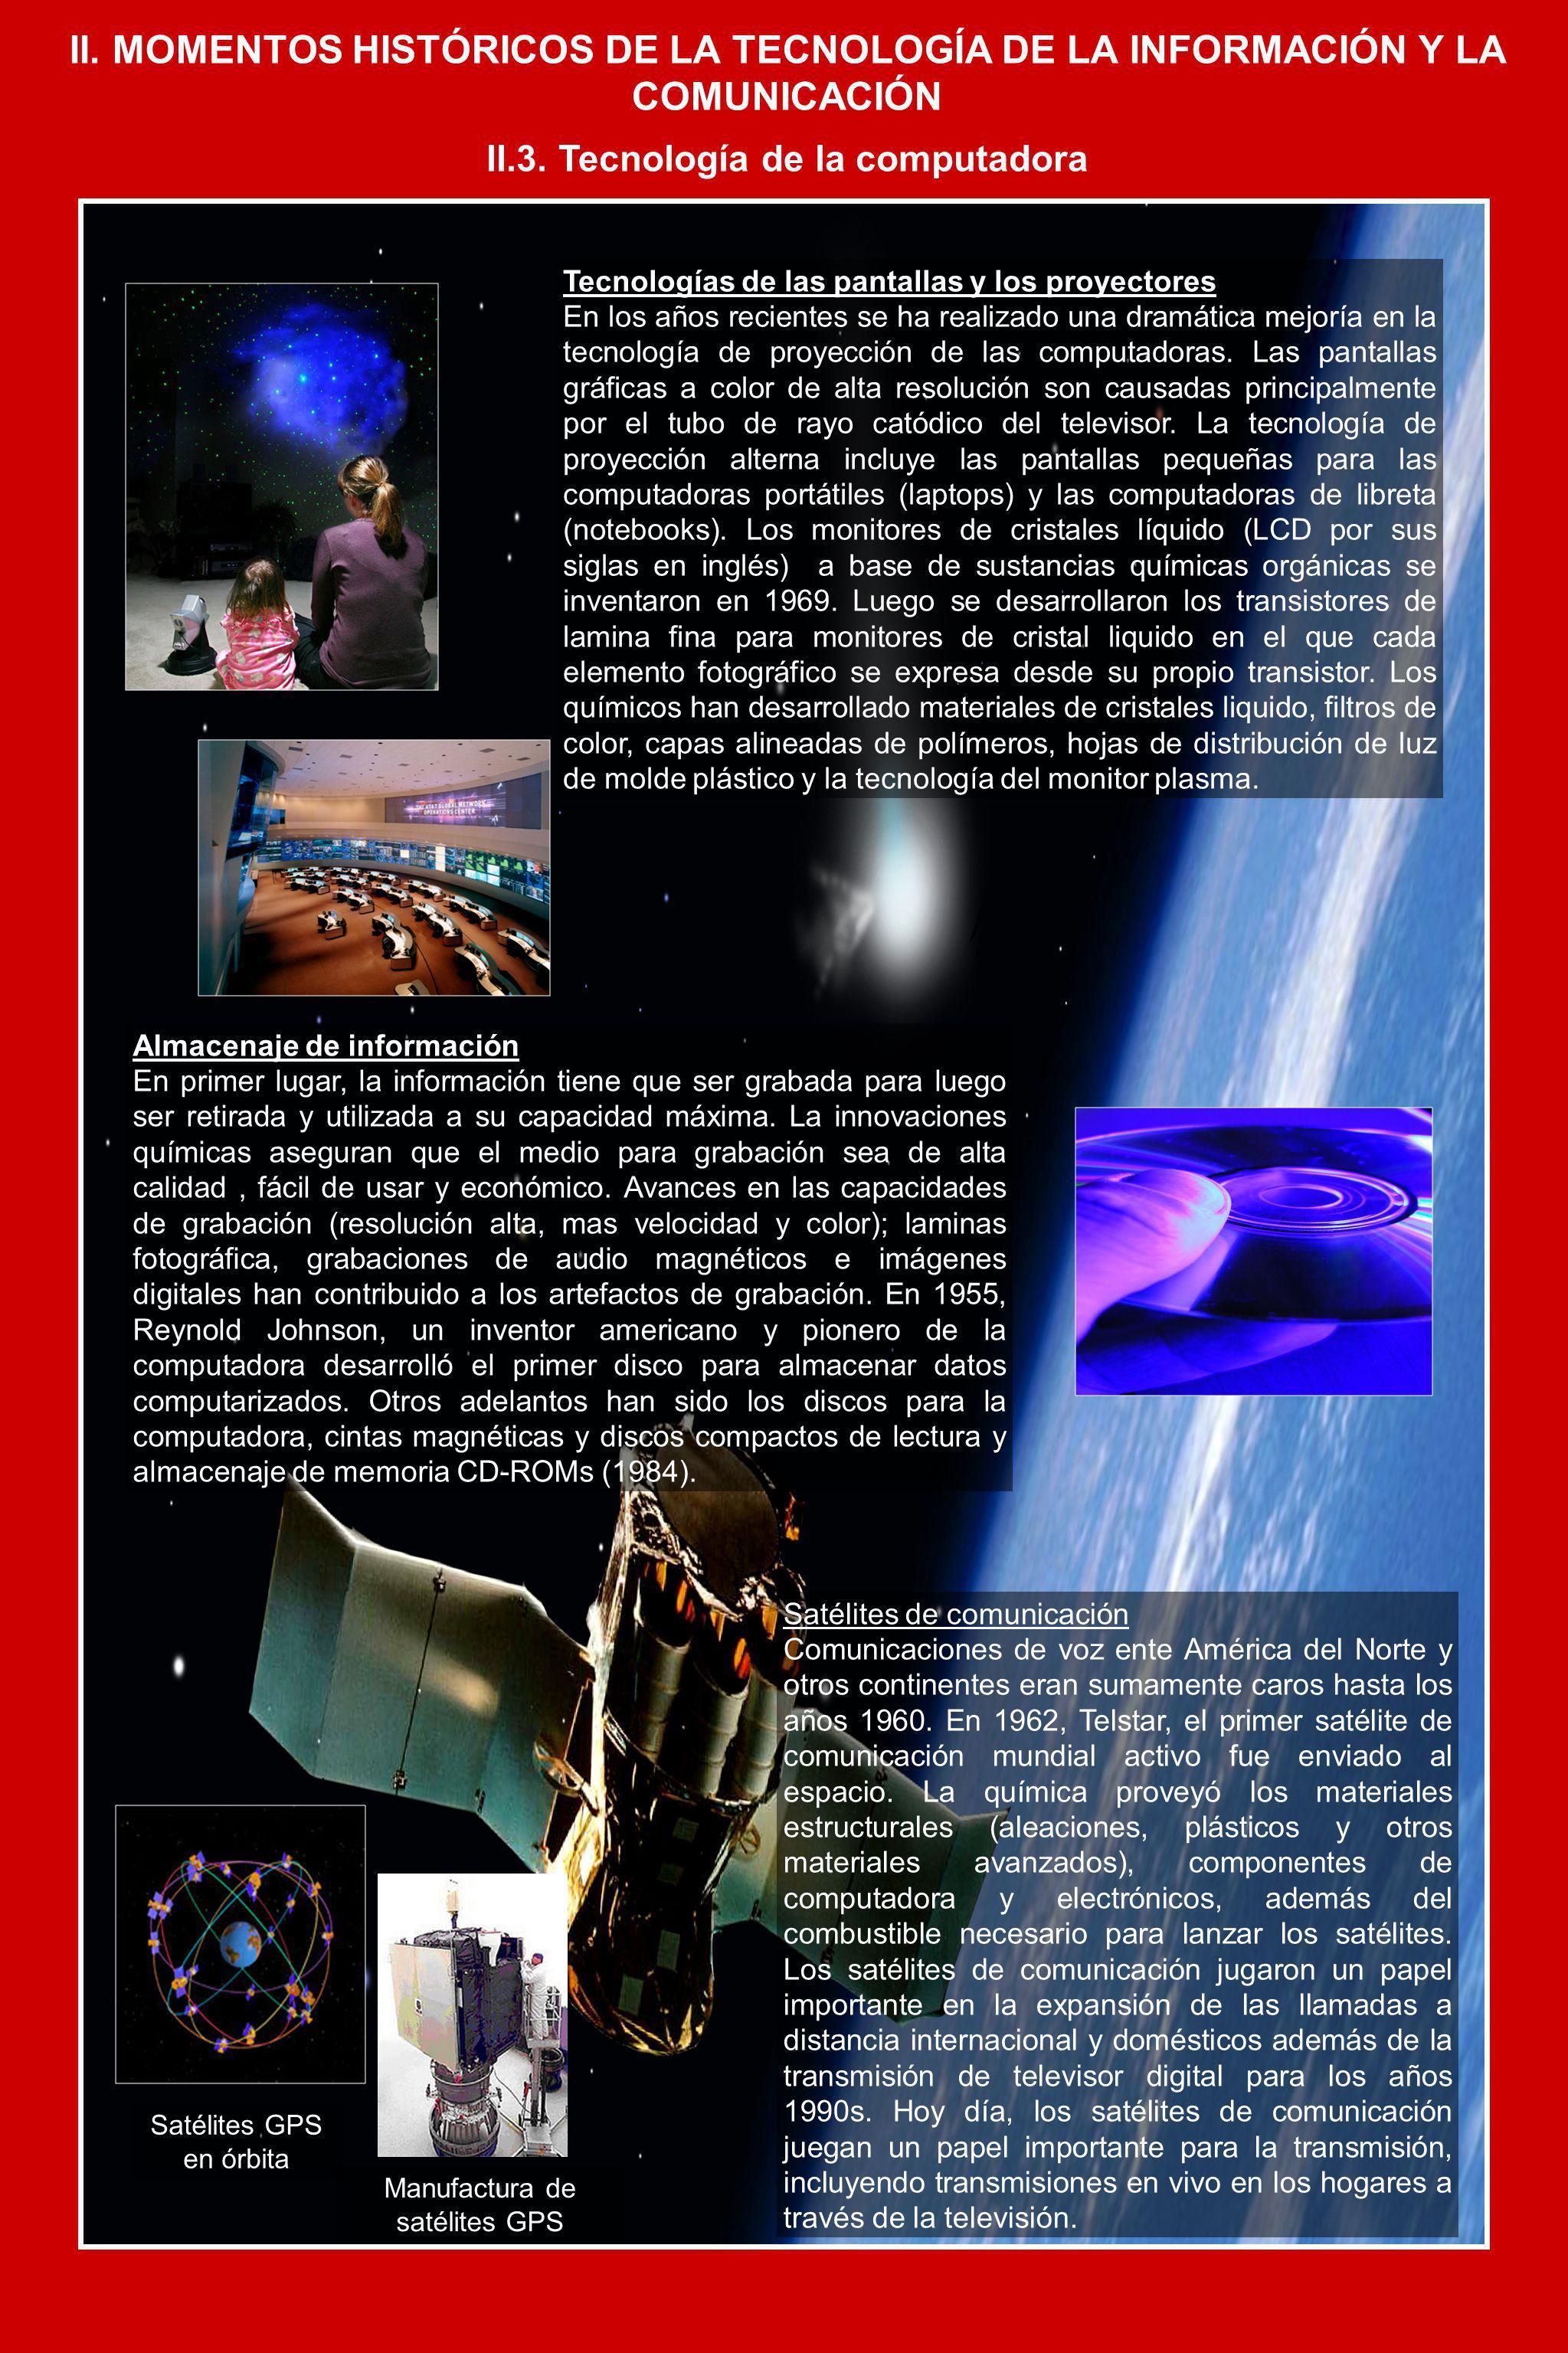 II.3. Tecnología de la computadora